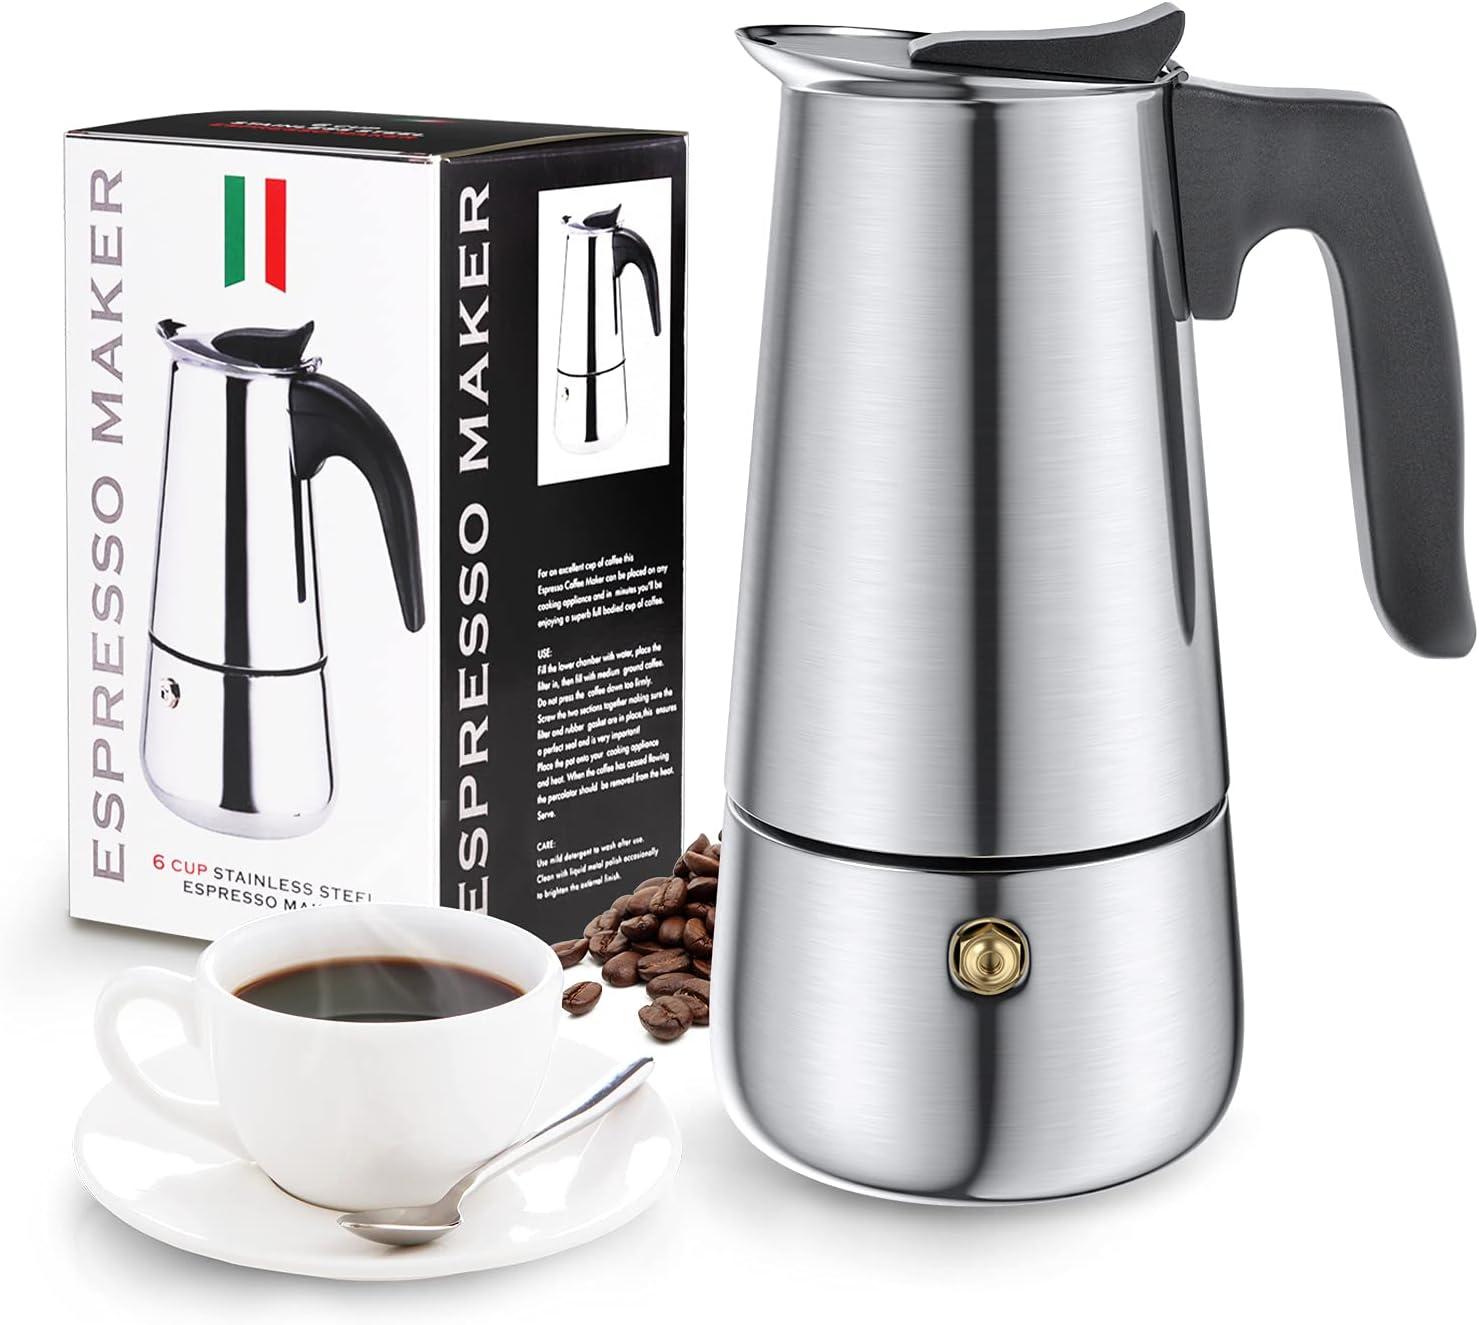 Cafetera Italiana, Diealles Shine Cafetera Italiana 6 Tazas, Conveniente para La Cocina de Inducción, Cafetera Moka Clásica, Acero Inoxidable, 300 ML